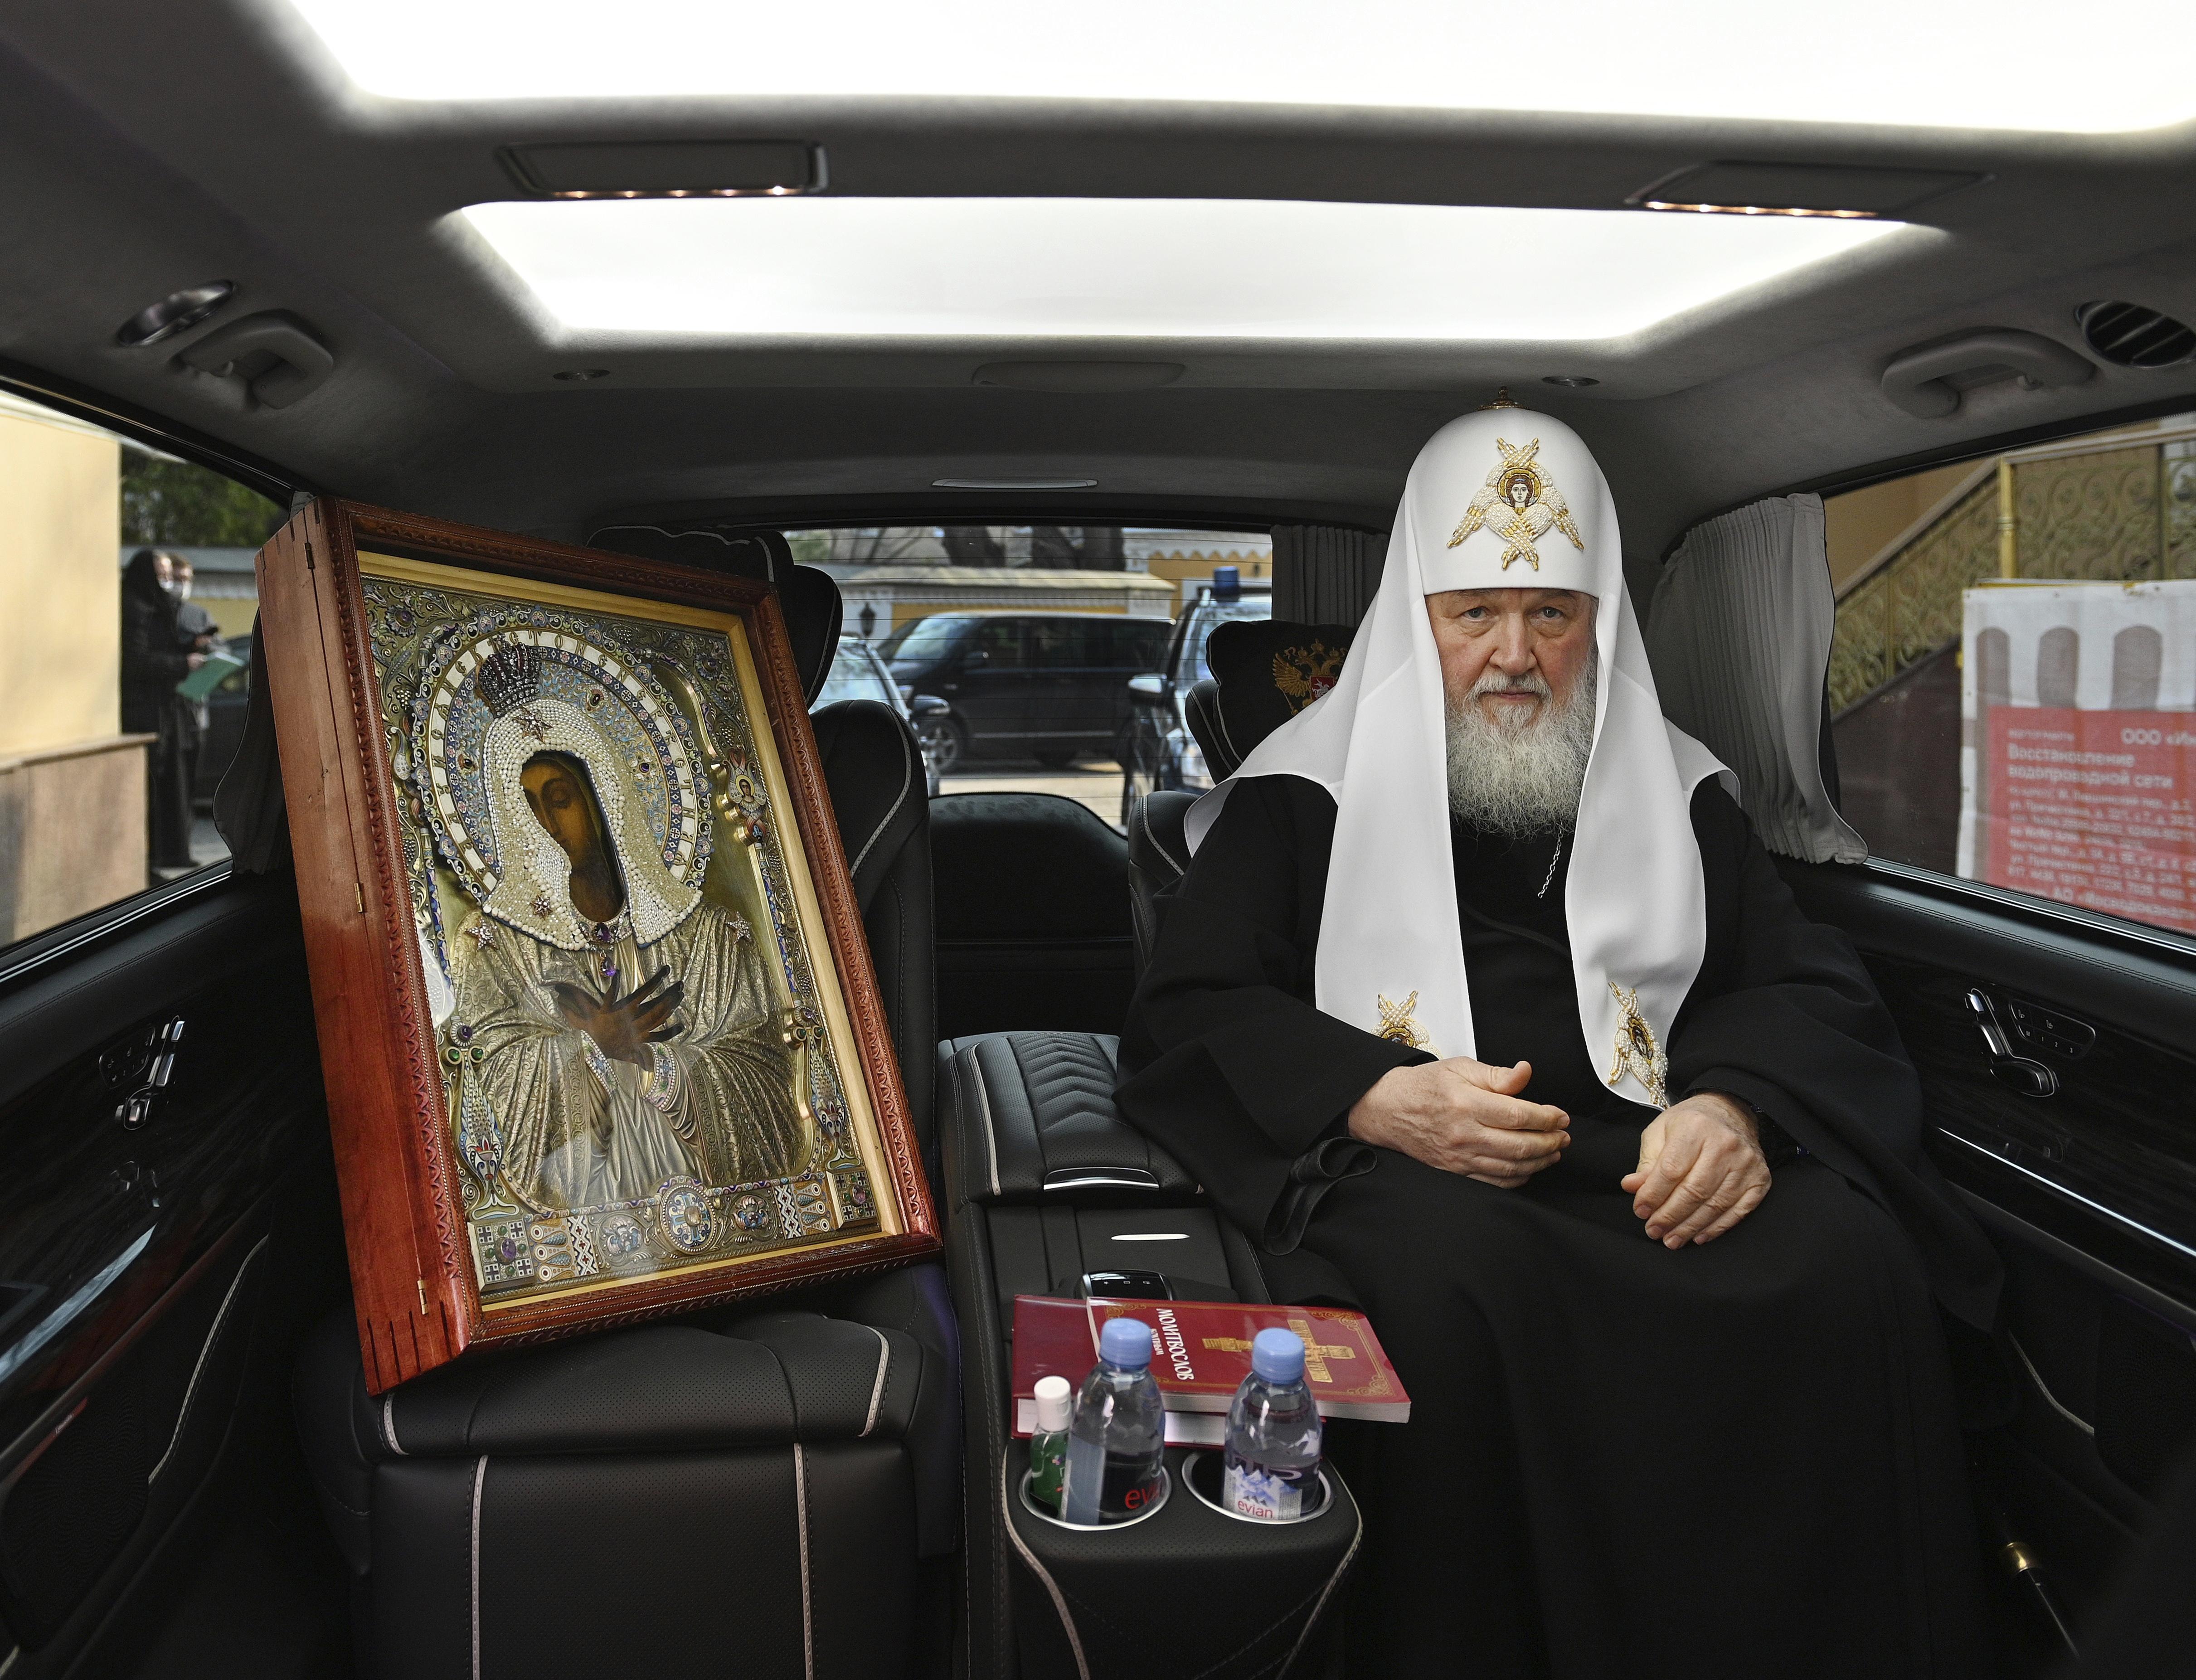 Moszkva pátriárkája autós körmenetet szervezett a koronavírus ellen